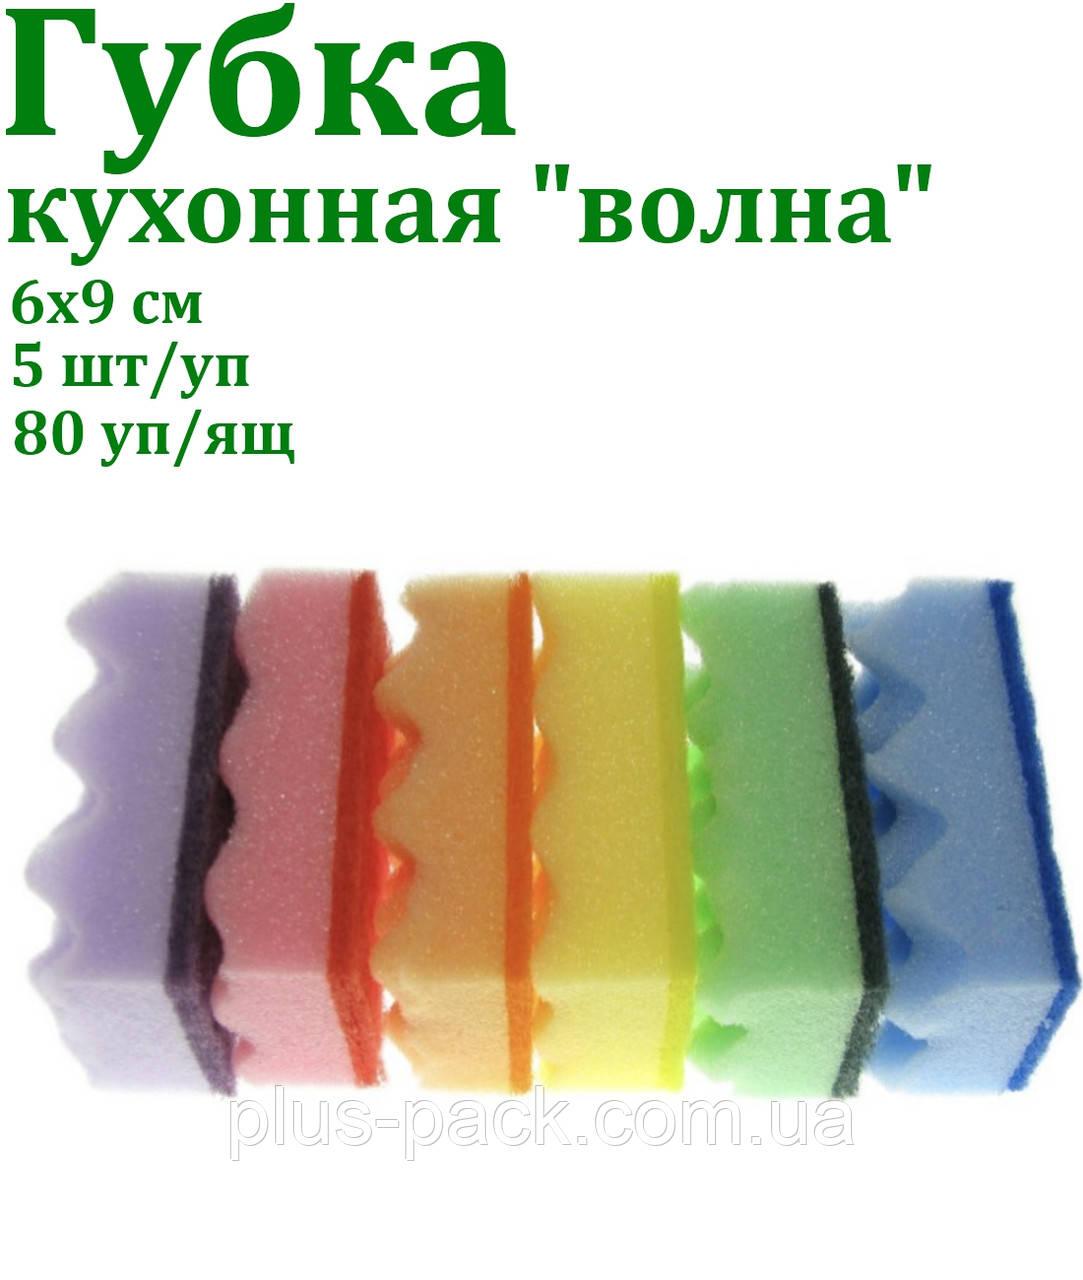 Губка кухонная волна 6x9см, 5шт/уп (80уп/ящ)